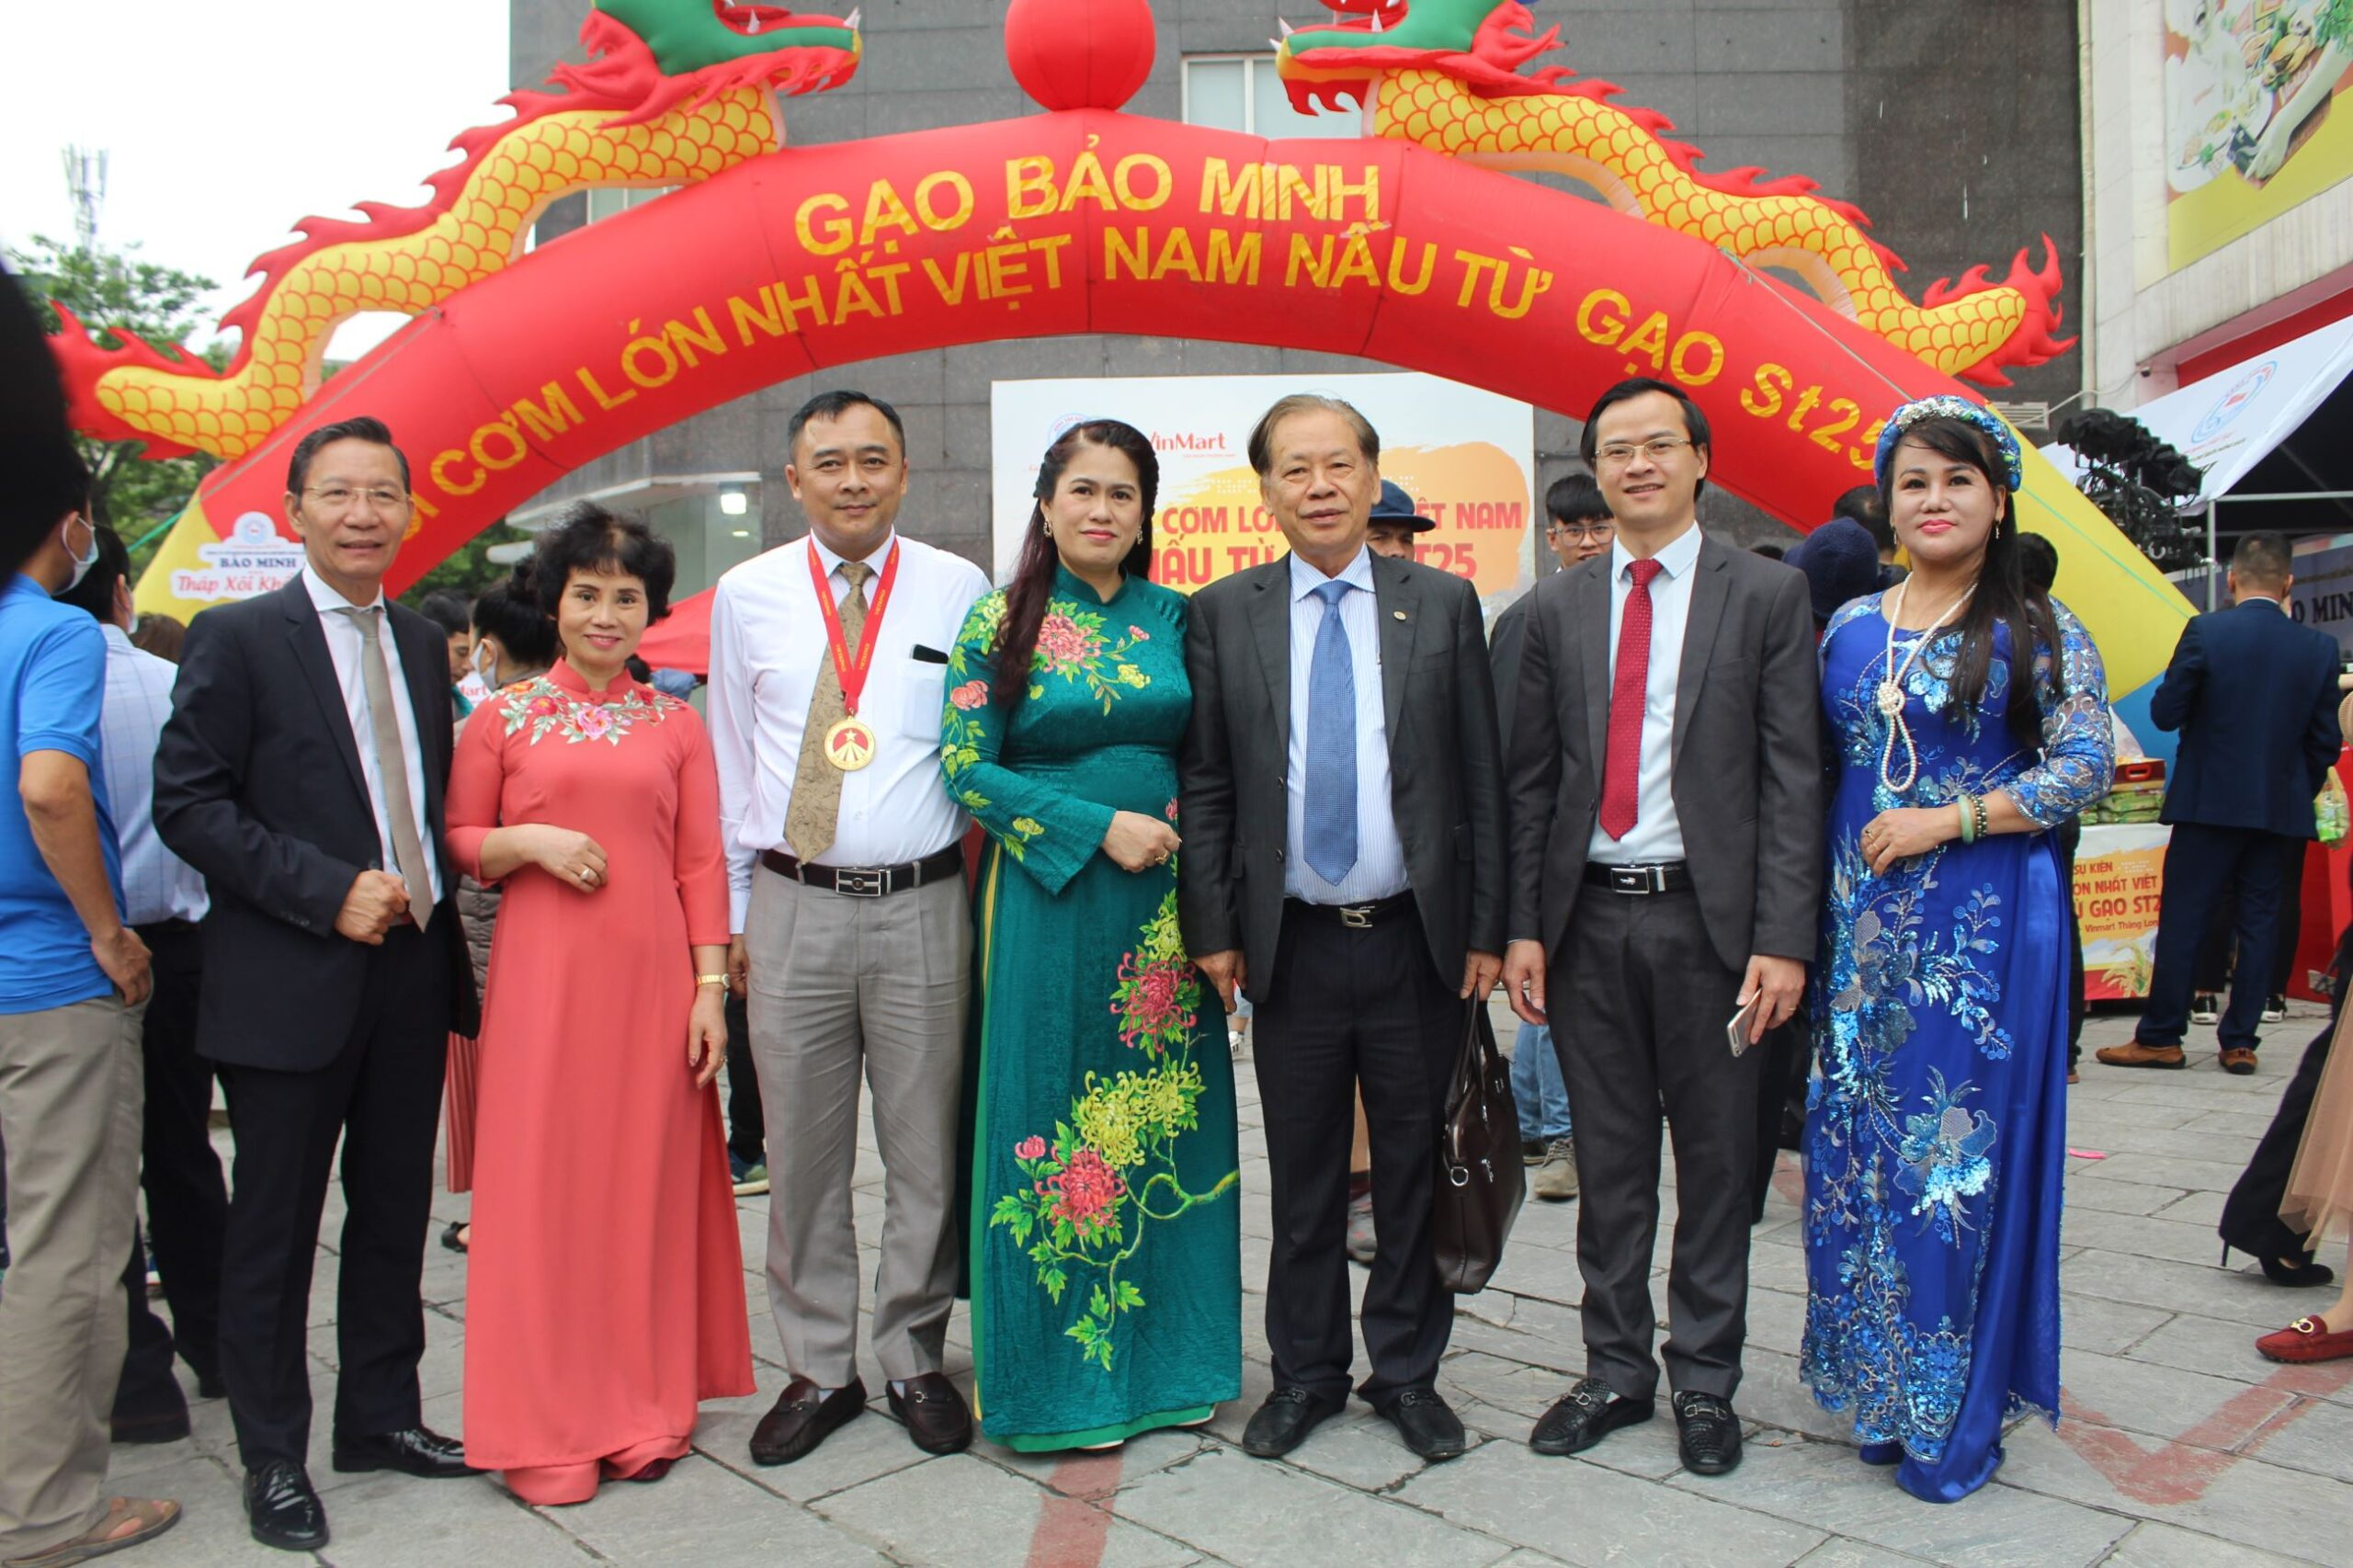 Lãnh đạo công ty Bảo Minh chụp hình lưu niệm cùng Lãnh đạo VietKings và khách mời.